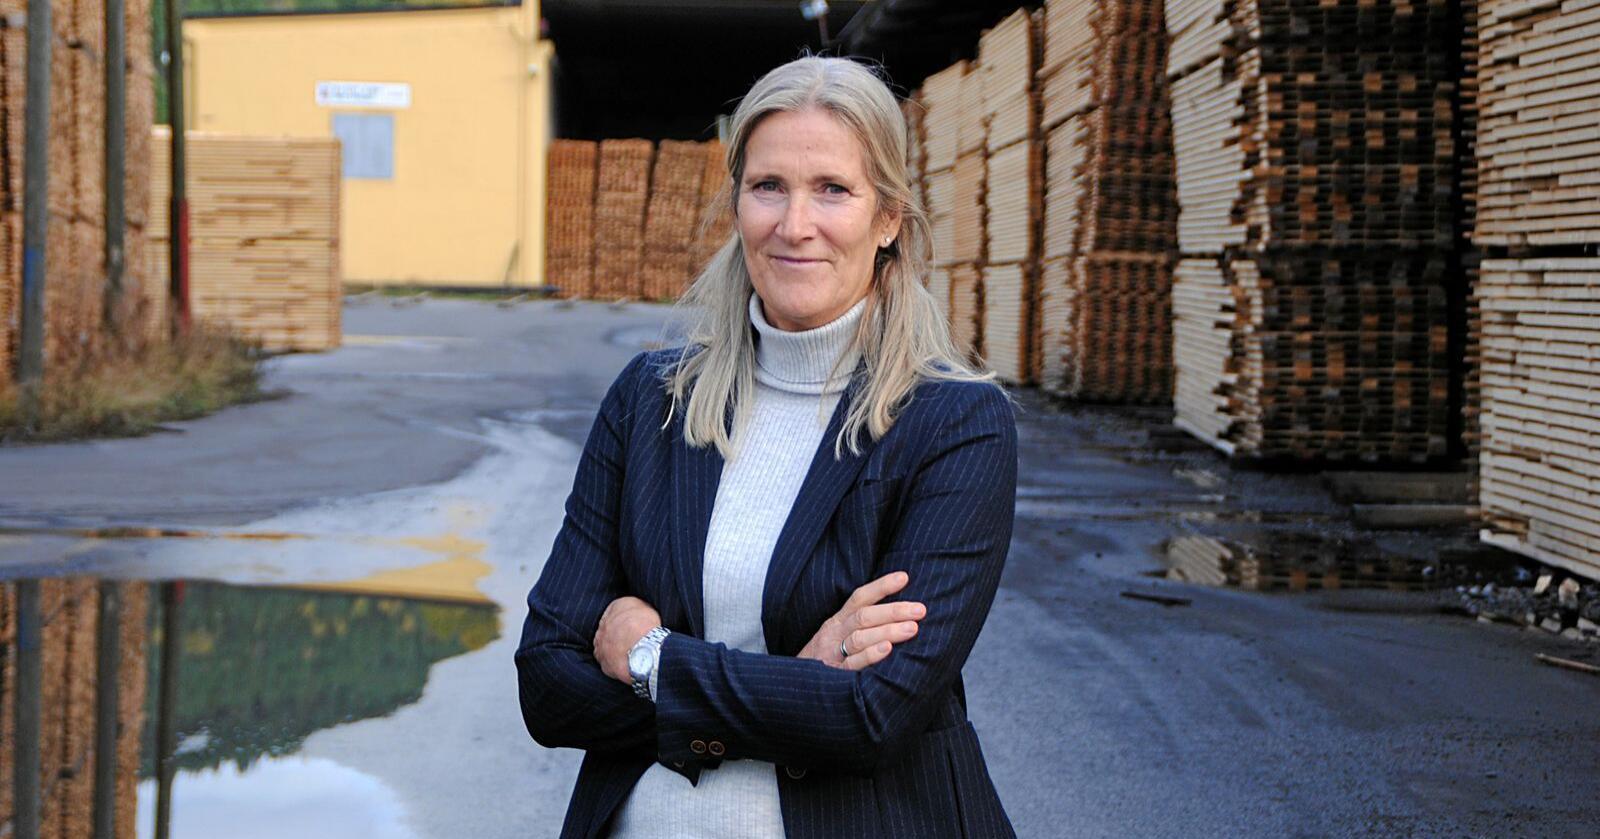 Kari Sandberg, administrerende direktør i EBA, etterlyser mer penger til kommuner og fylkeskommuner for stimulere til oppdrag for entrepenører rundt omkring i hele landet. Foto: Lars Bilit Hagen